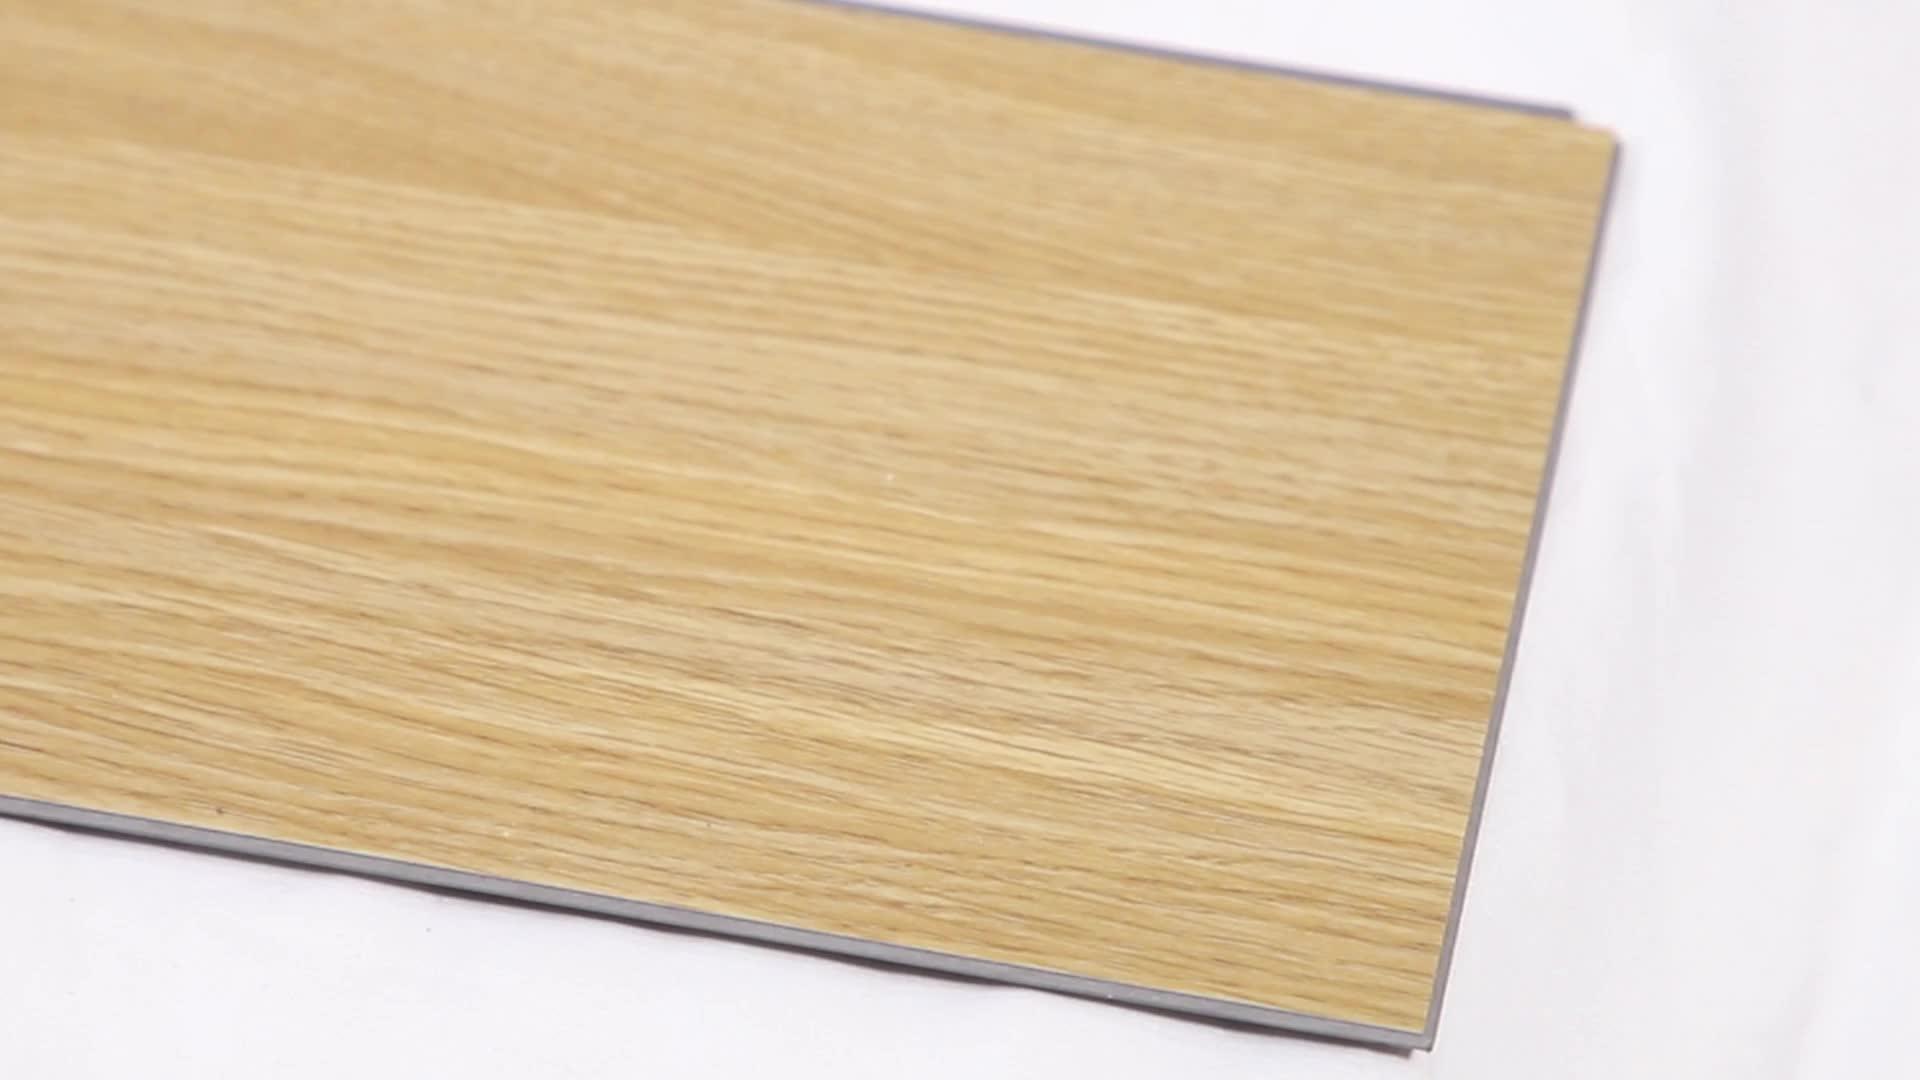 WeiKang rococó hexagonal 3D seco abck lvt/tabla de baldosas de vinilo pisos/suelo de PVC